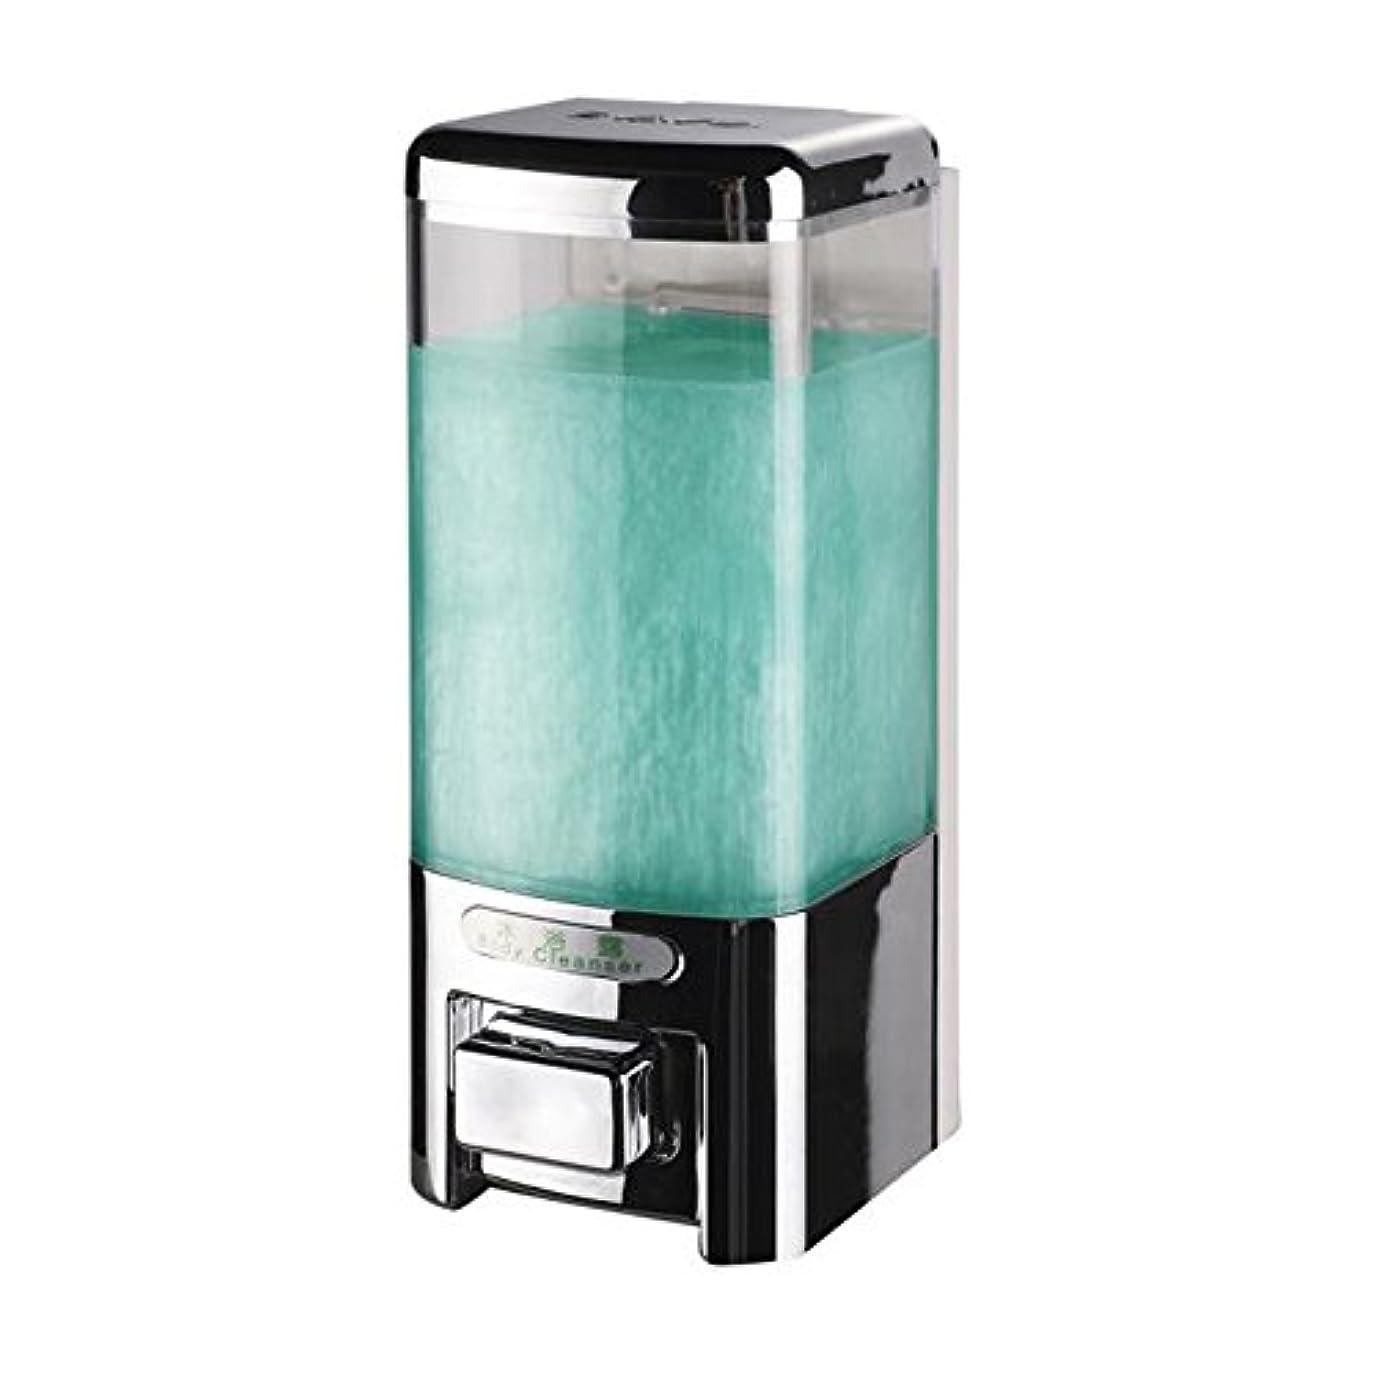 Svavo v-8101プラスチック壁マウントHand Soap Dispenser forホテルキッチンバスルームホワイト、クロム500 ml 1のパック V-8101-Chrome